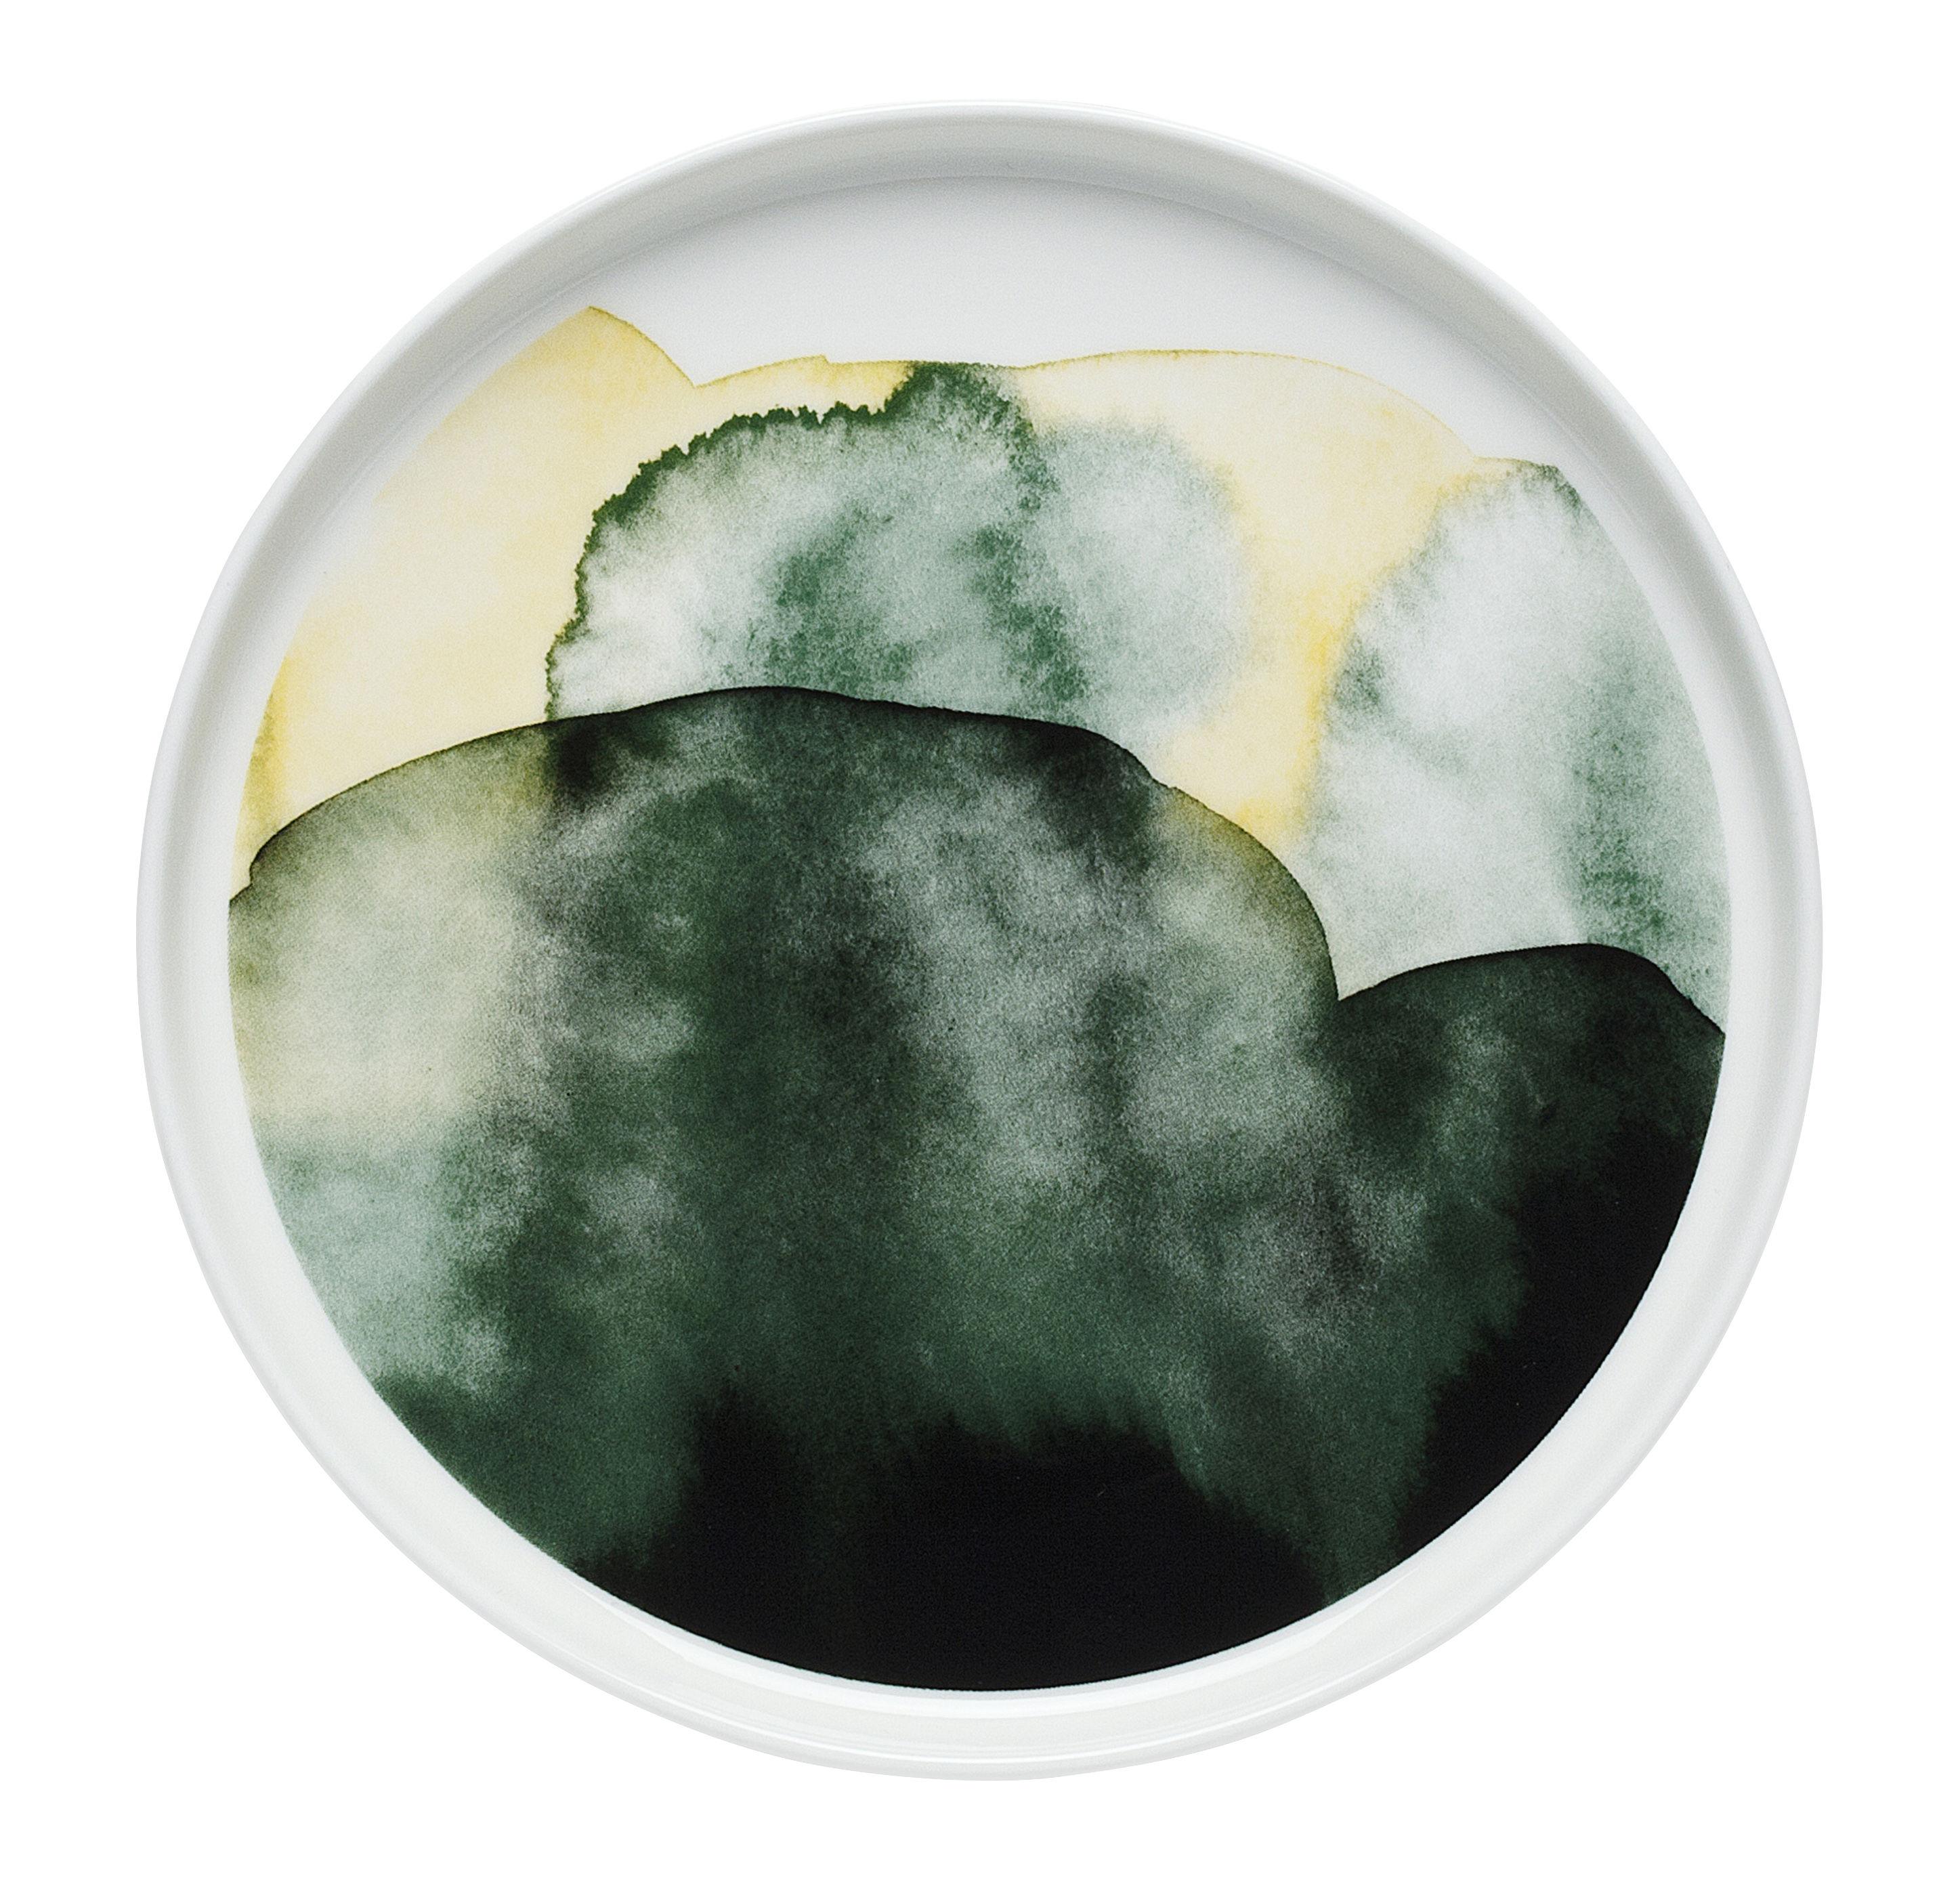 Tableware - Plates - Oiva Sääpäiväkirja Dessert plate - Ø 20 cm by Marimekko - Sääpäiväkirja / Green - China